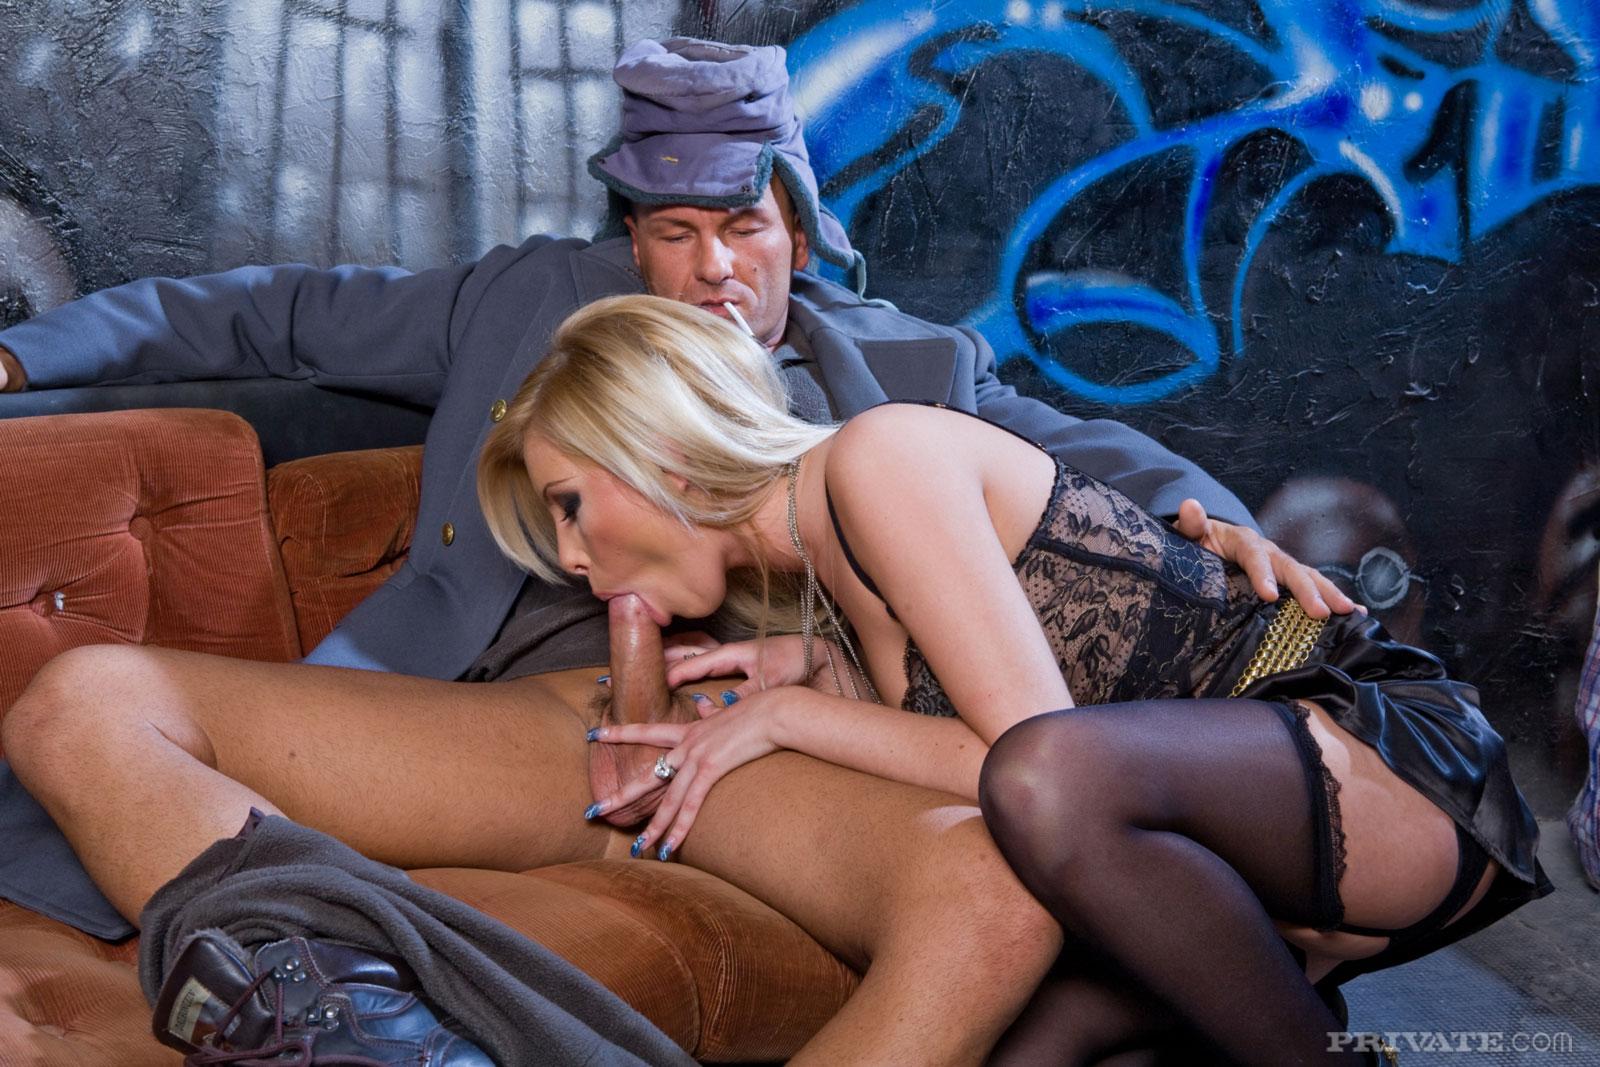 Секс в городе порнофильм